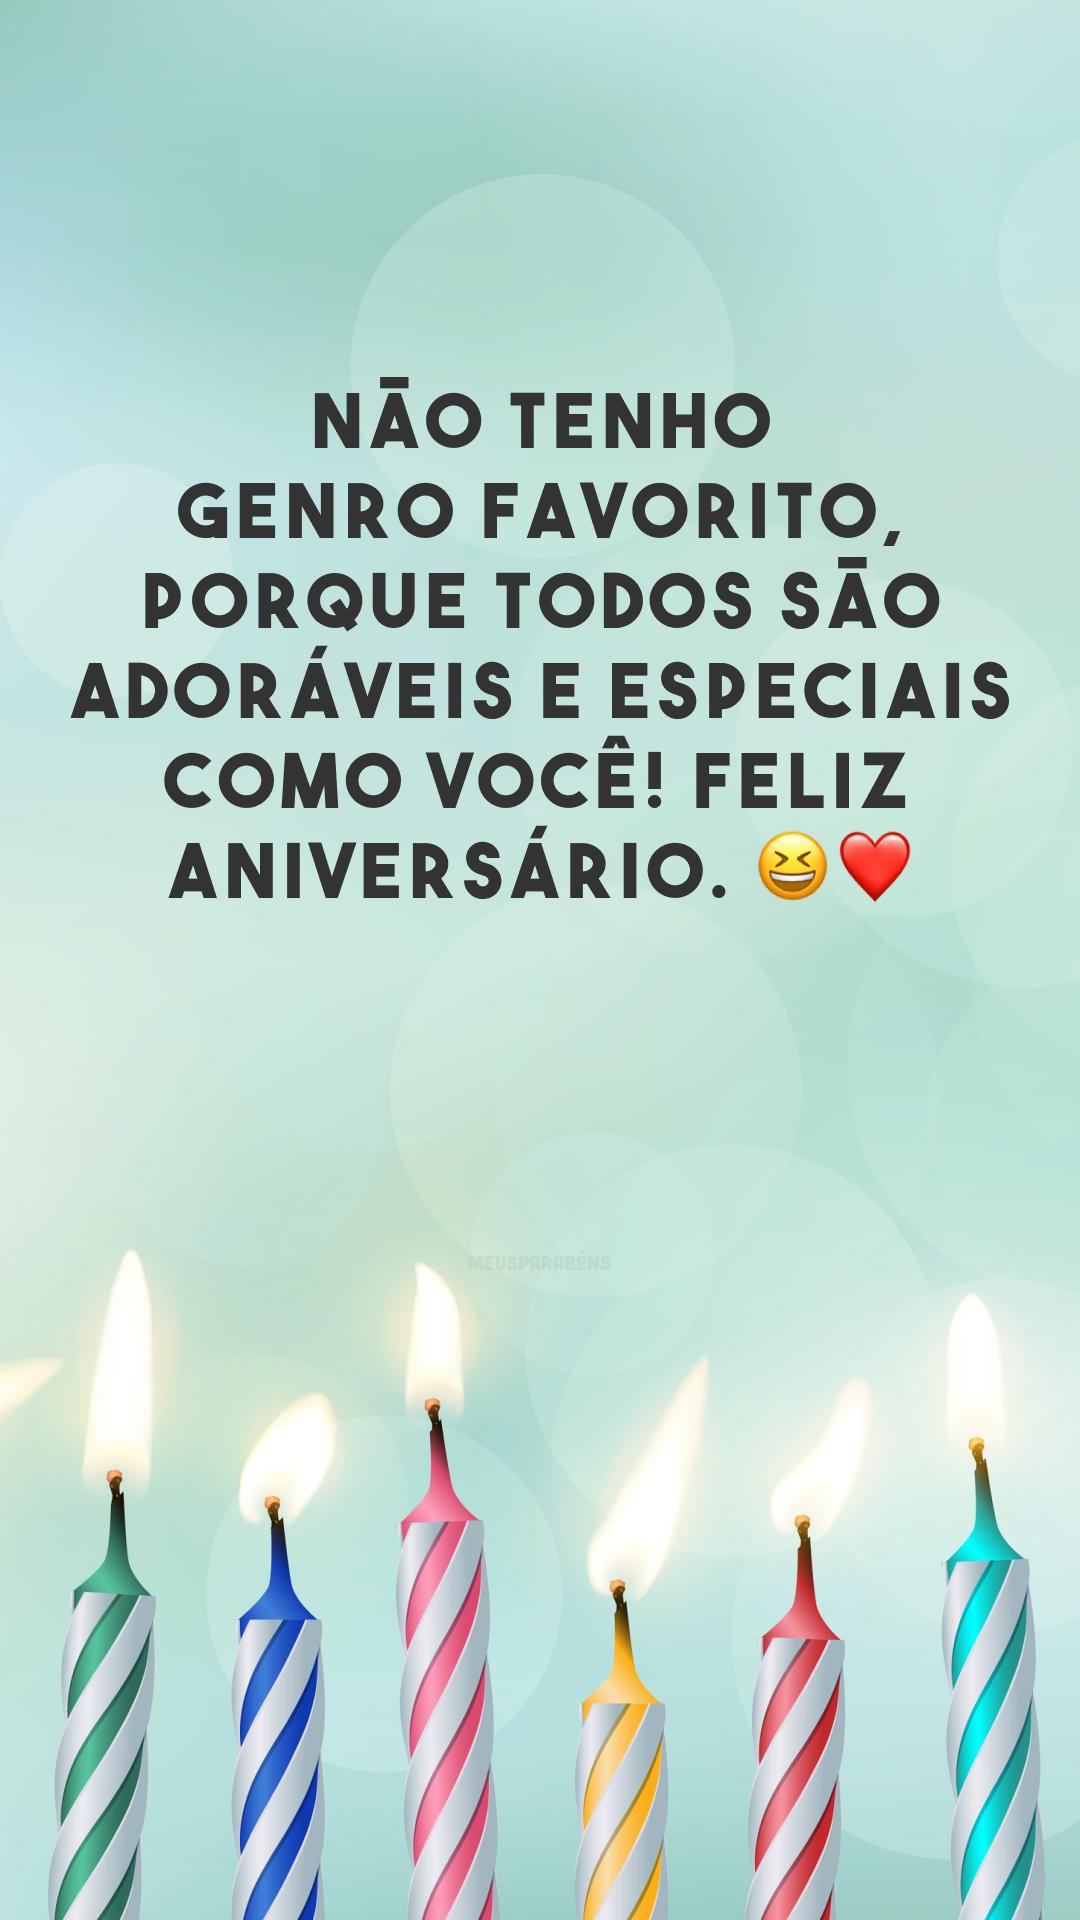 Não tenho genro favorito, porque todos são adoráveis e especiais como você! Feliz aniversário. 😆❤